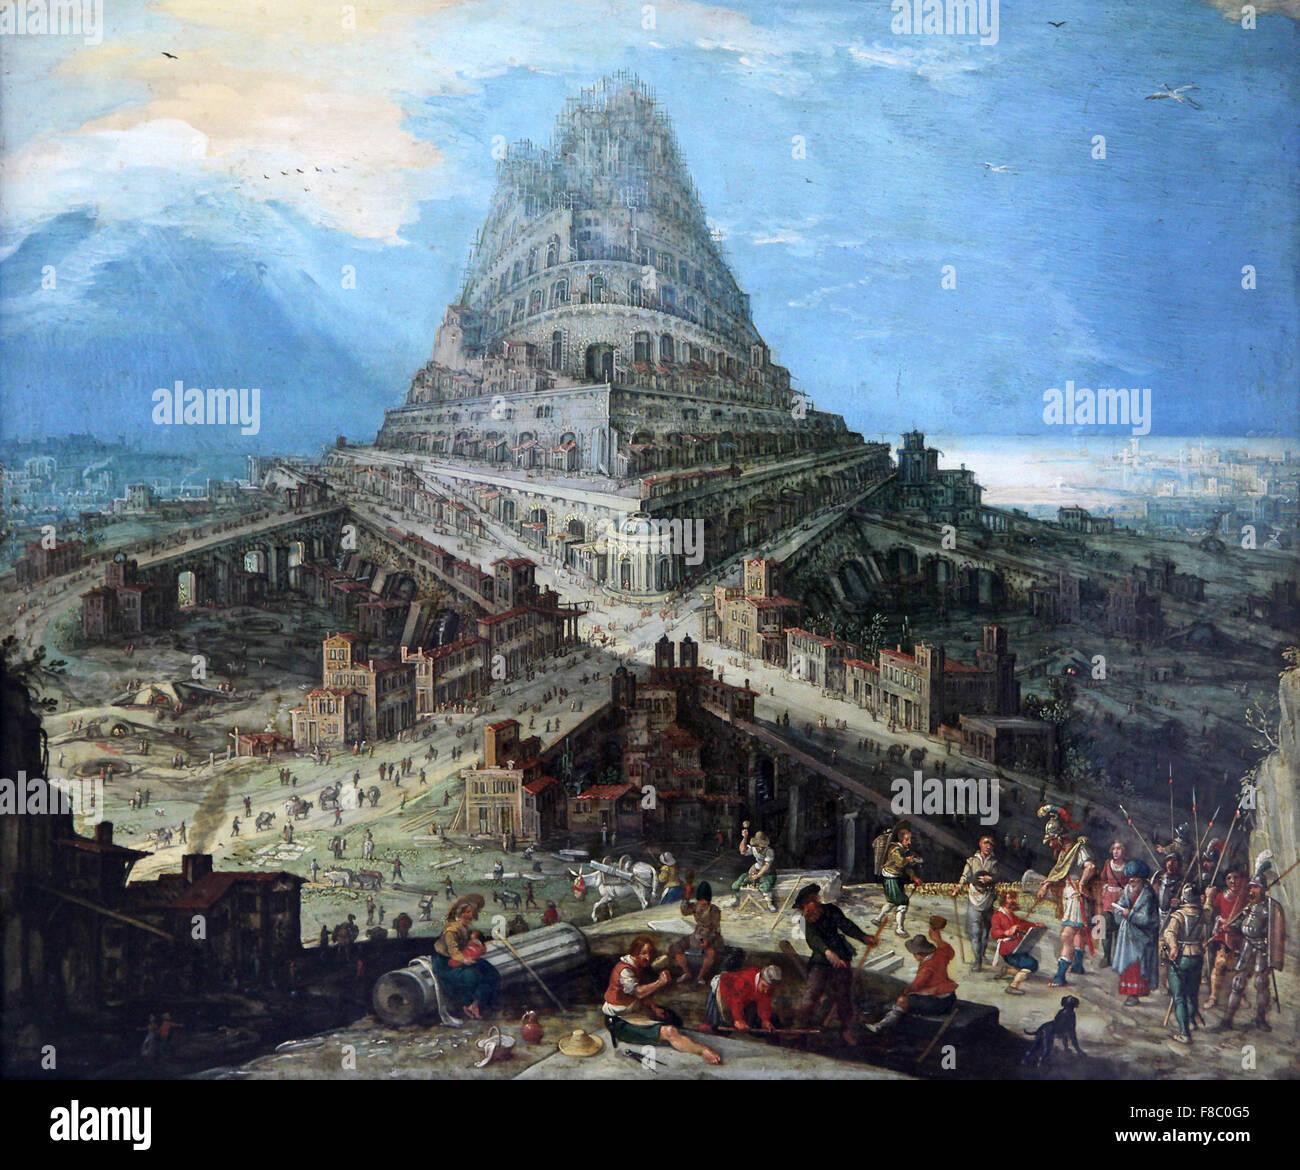 Hendrick van Cleef 1525-1589 den Bau des Turms von Babel Stockbild